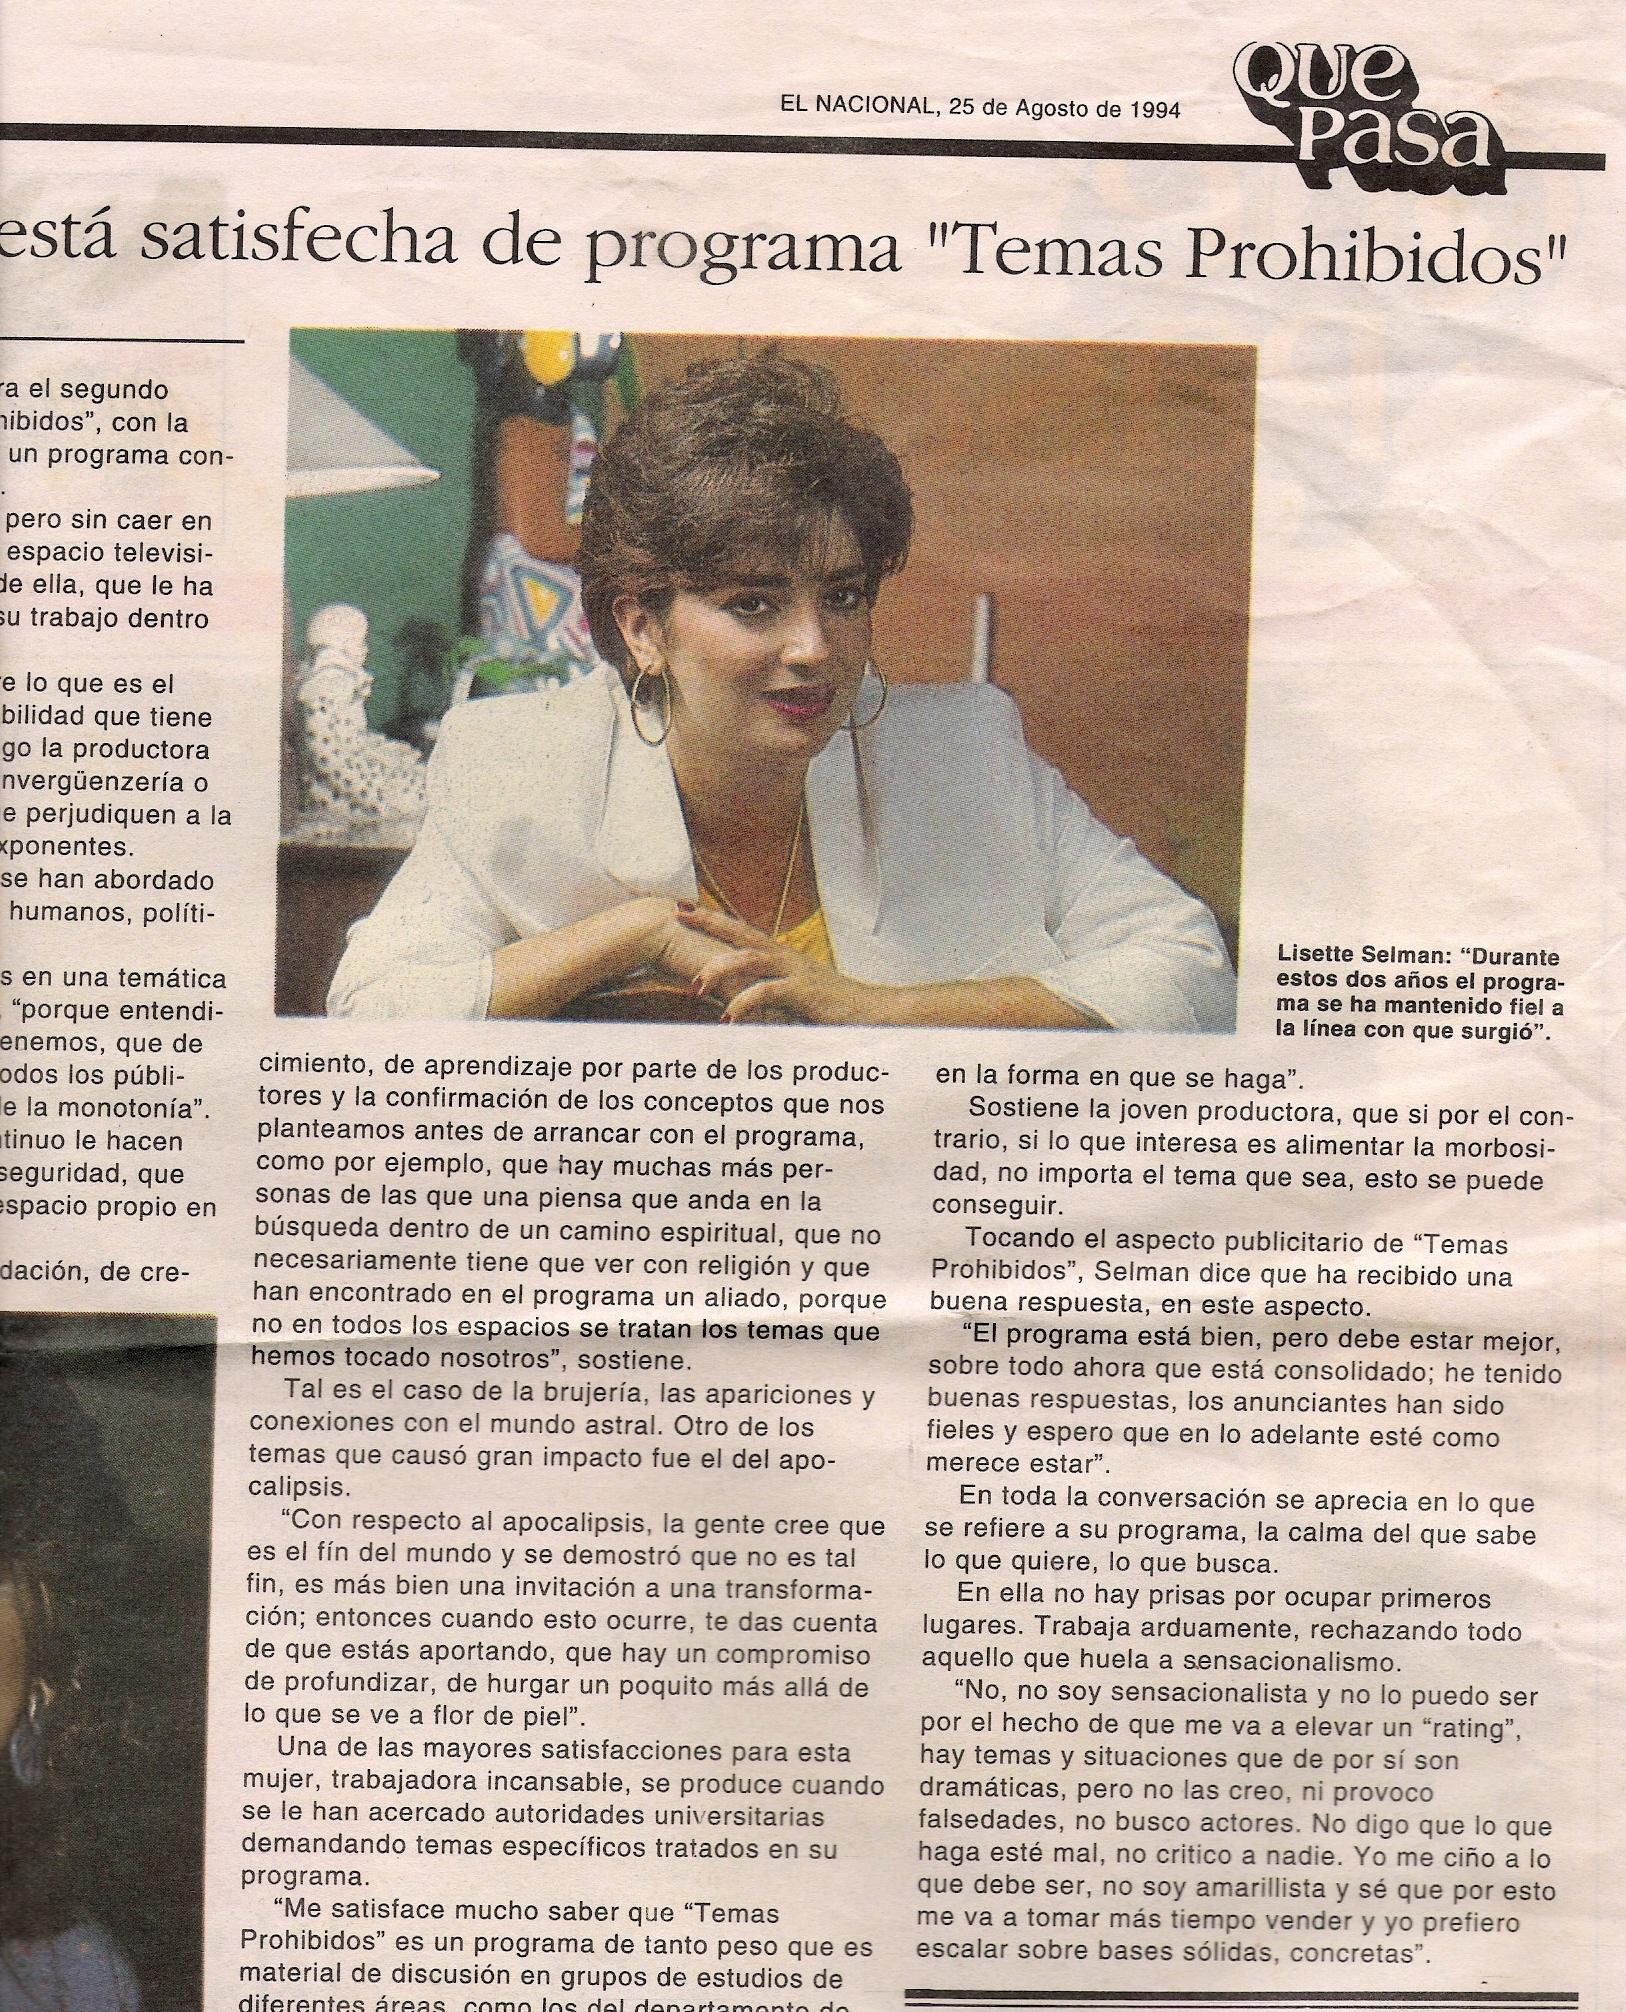 Ago 25, 1994.2 El Nacional.jpg